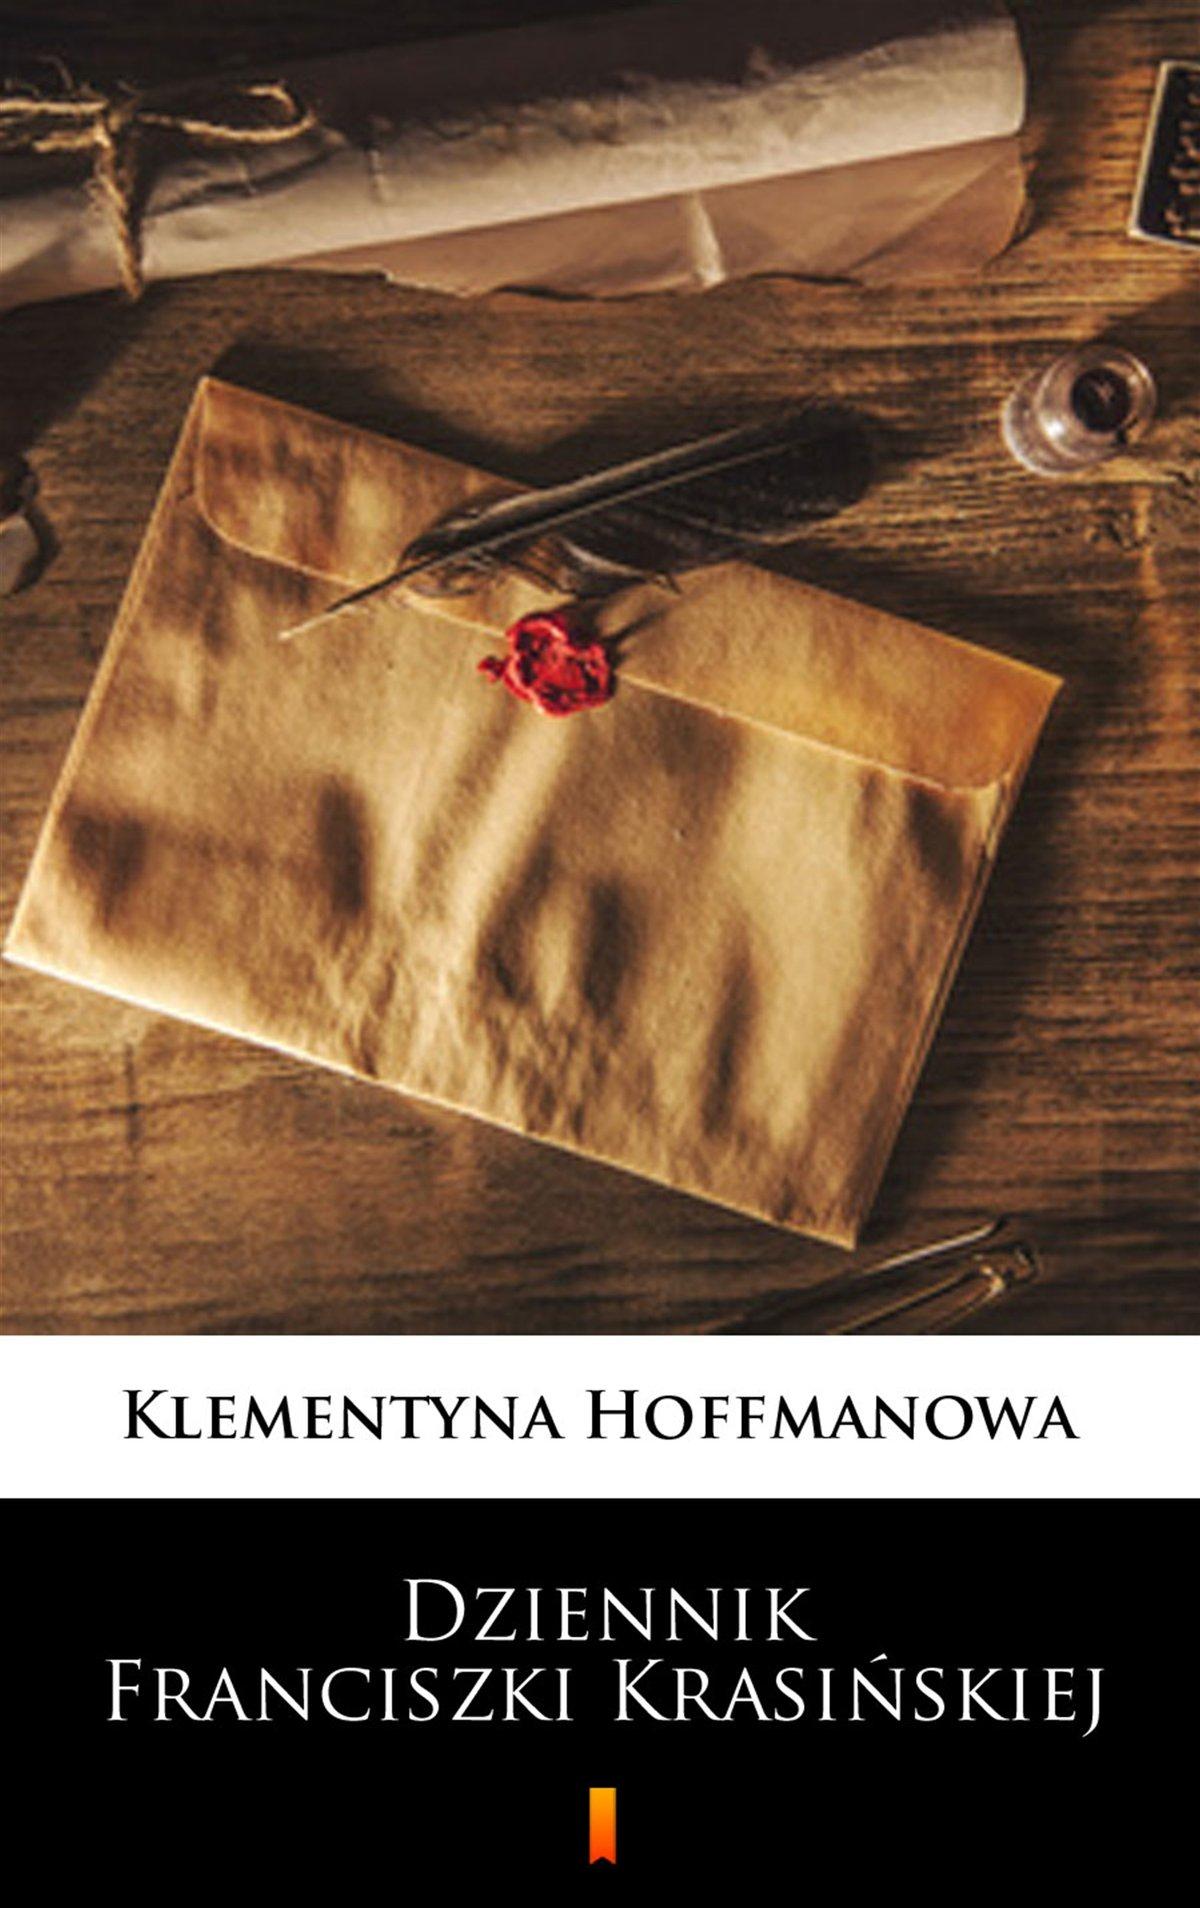 Dziennik Franciszki Krasińskiej - Ebook (Książka na Kindle) do pobrania w formacie MOBI